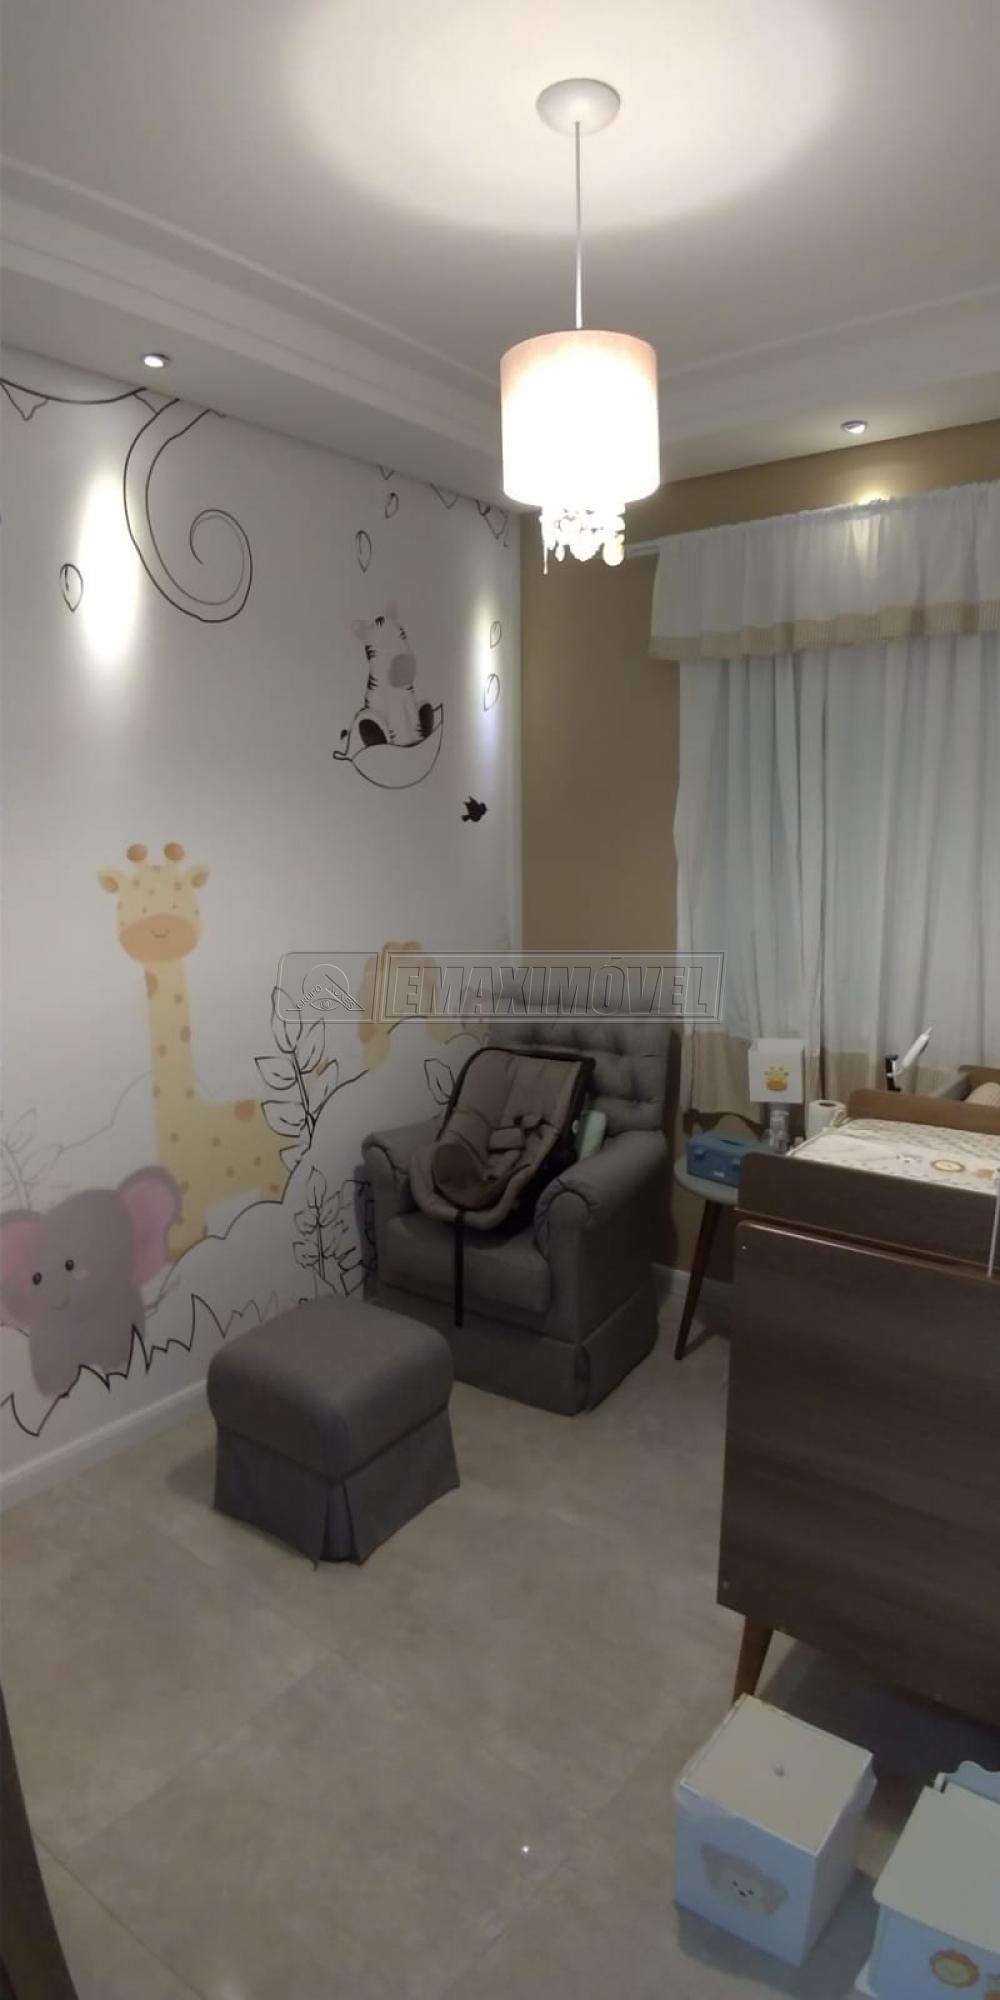 Comprar Apartamento / Padrão em Sorocaba R$ 300.000,00 - Foto 10